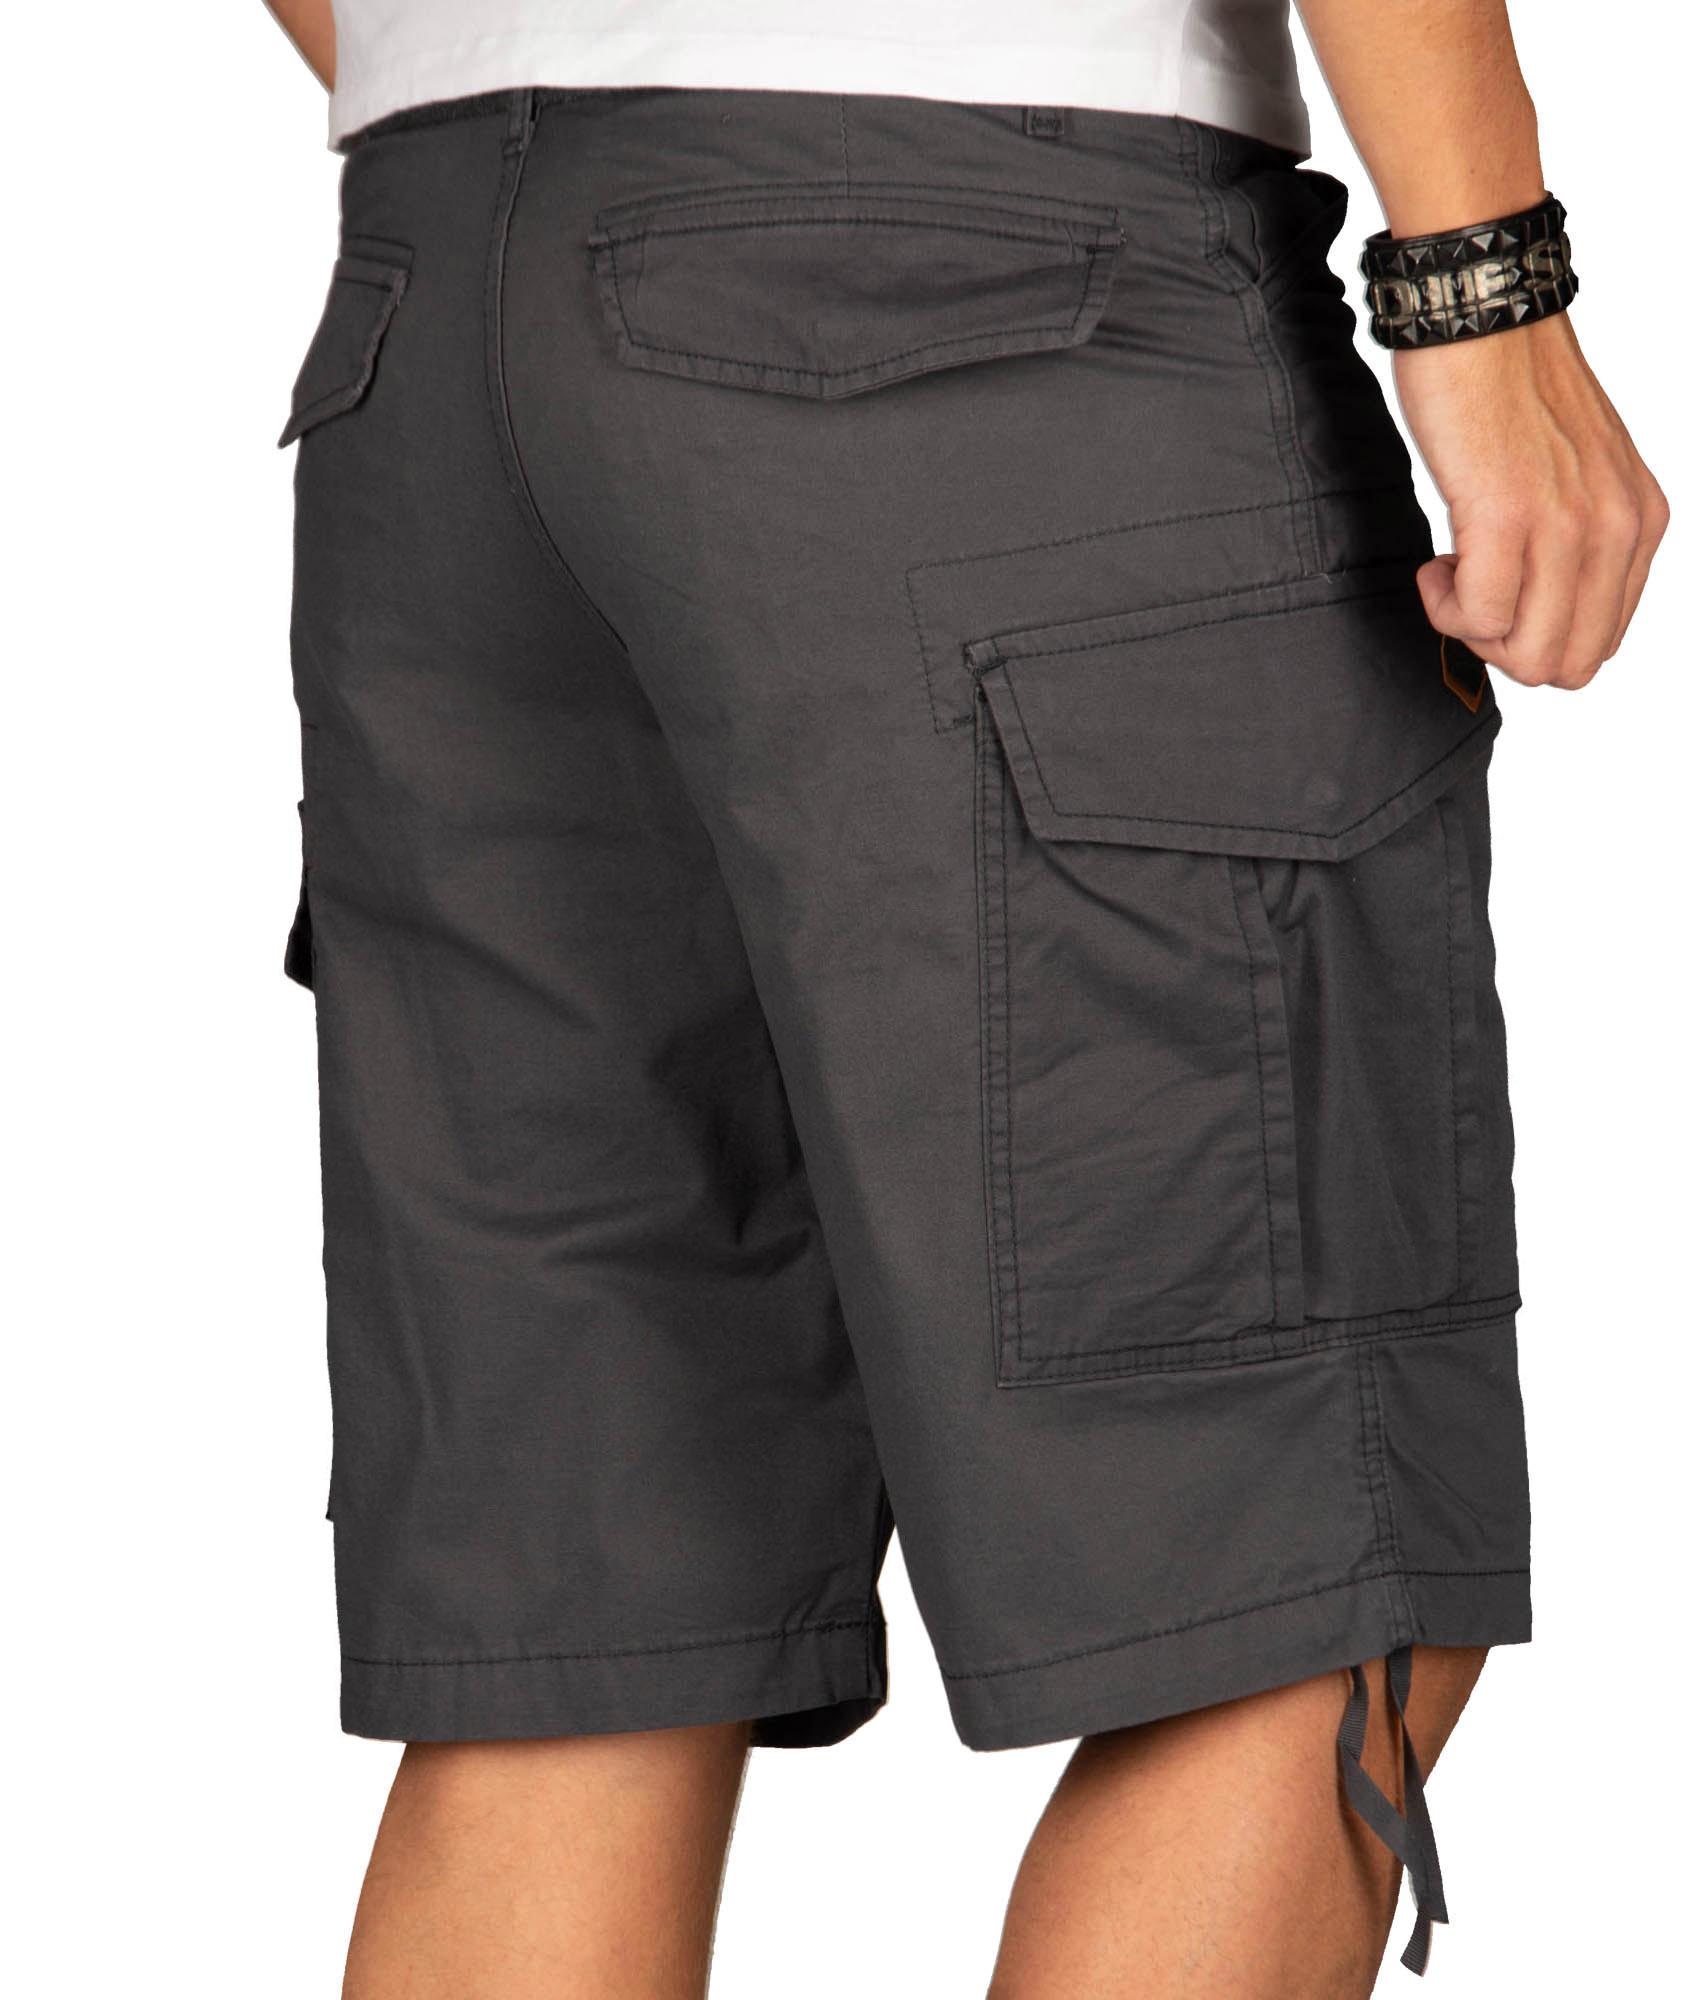 A-Salvarini-Herren-Comfort-Cargo-Shorts-Cargoshorts-kurze-Hose-Guertel-AS133-NEU Indexbild 8